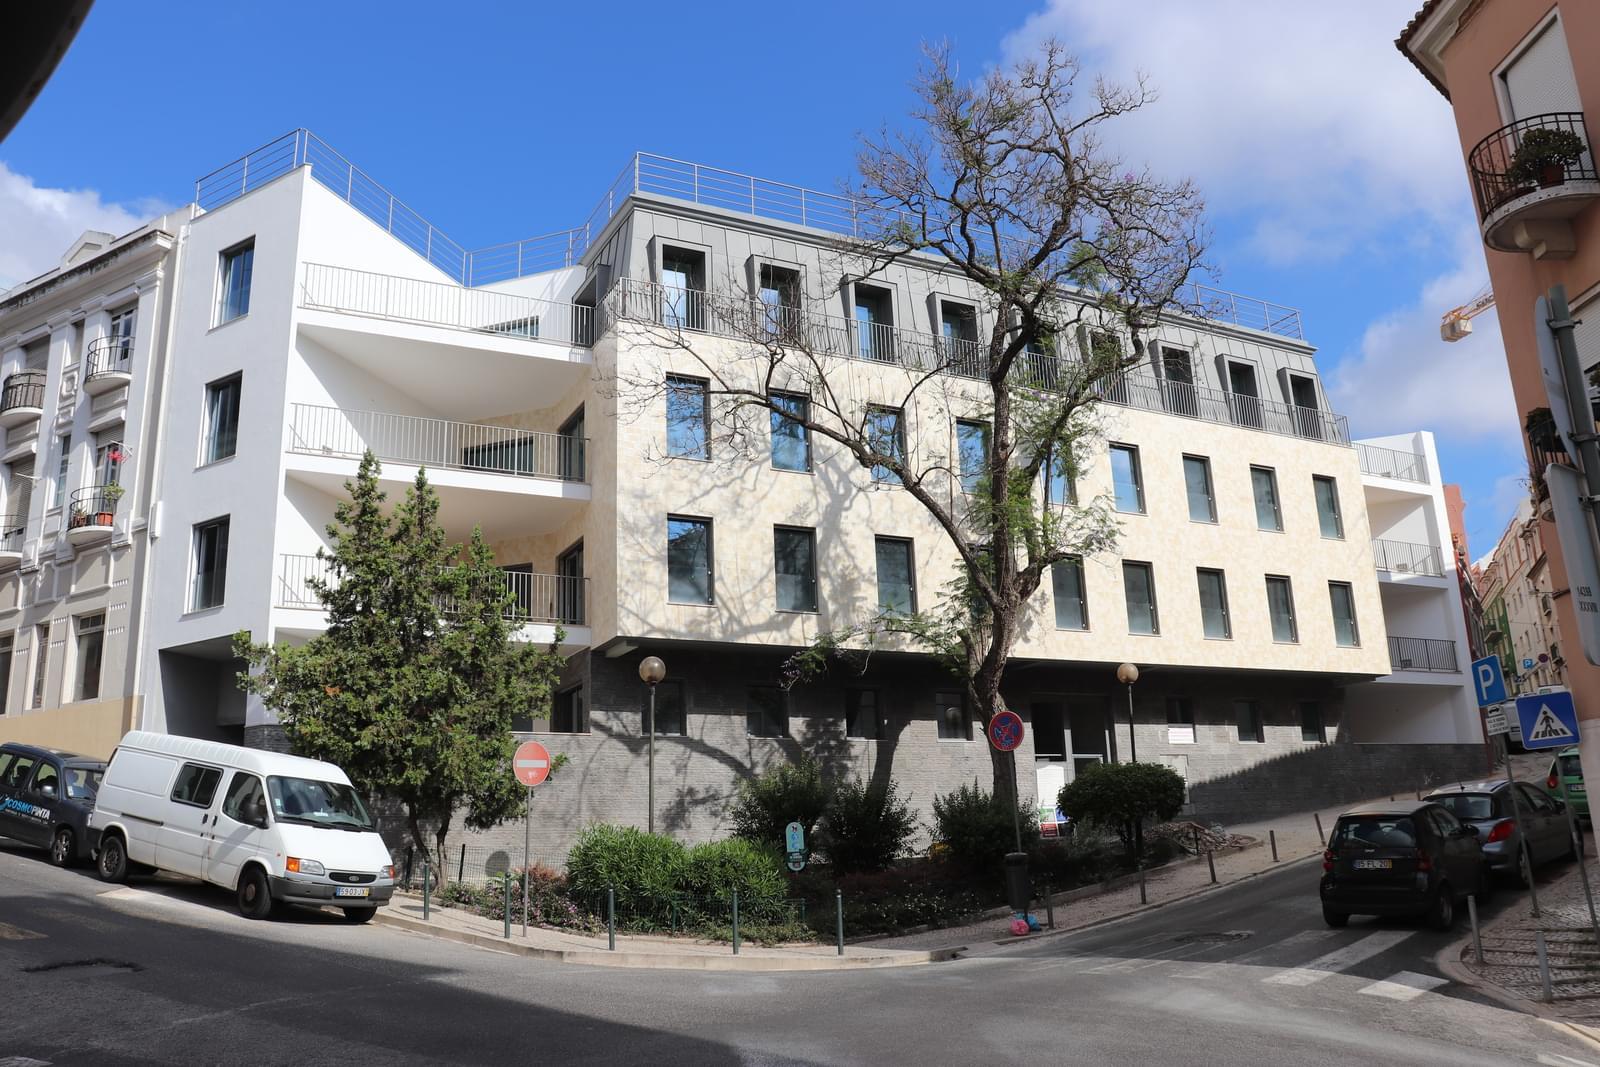 pf16829-apartamento-t1-lisboa-9b4e99aa-9db1-461c-889e-eaedfda38c7c